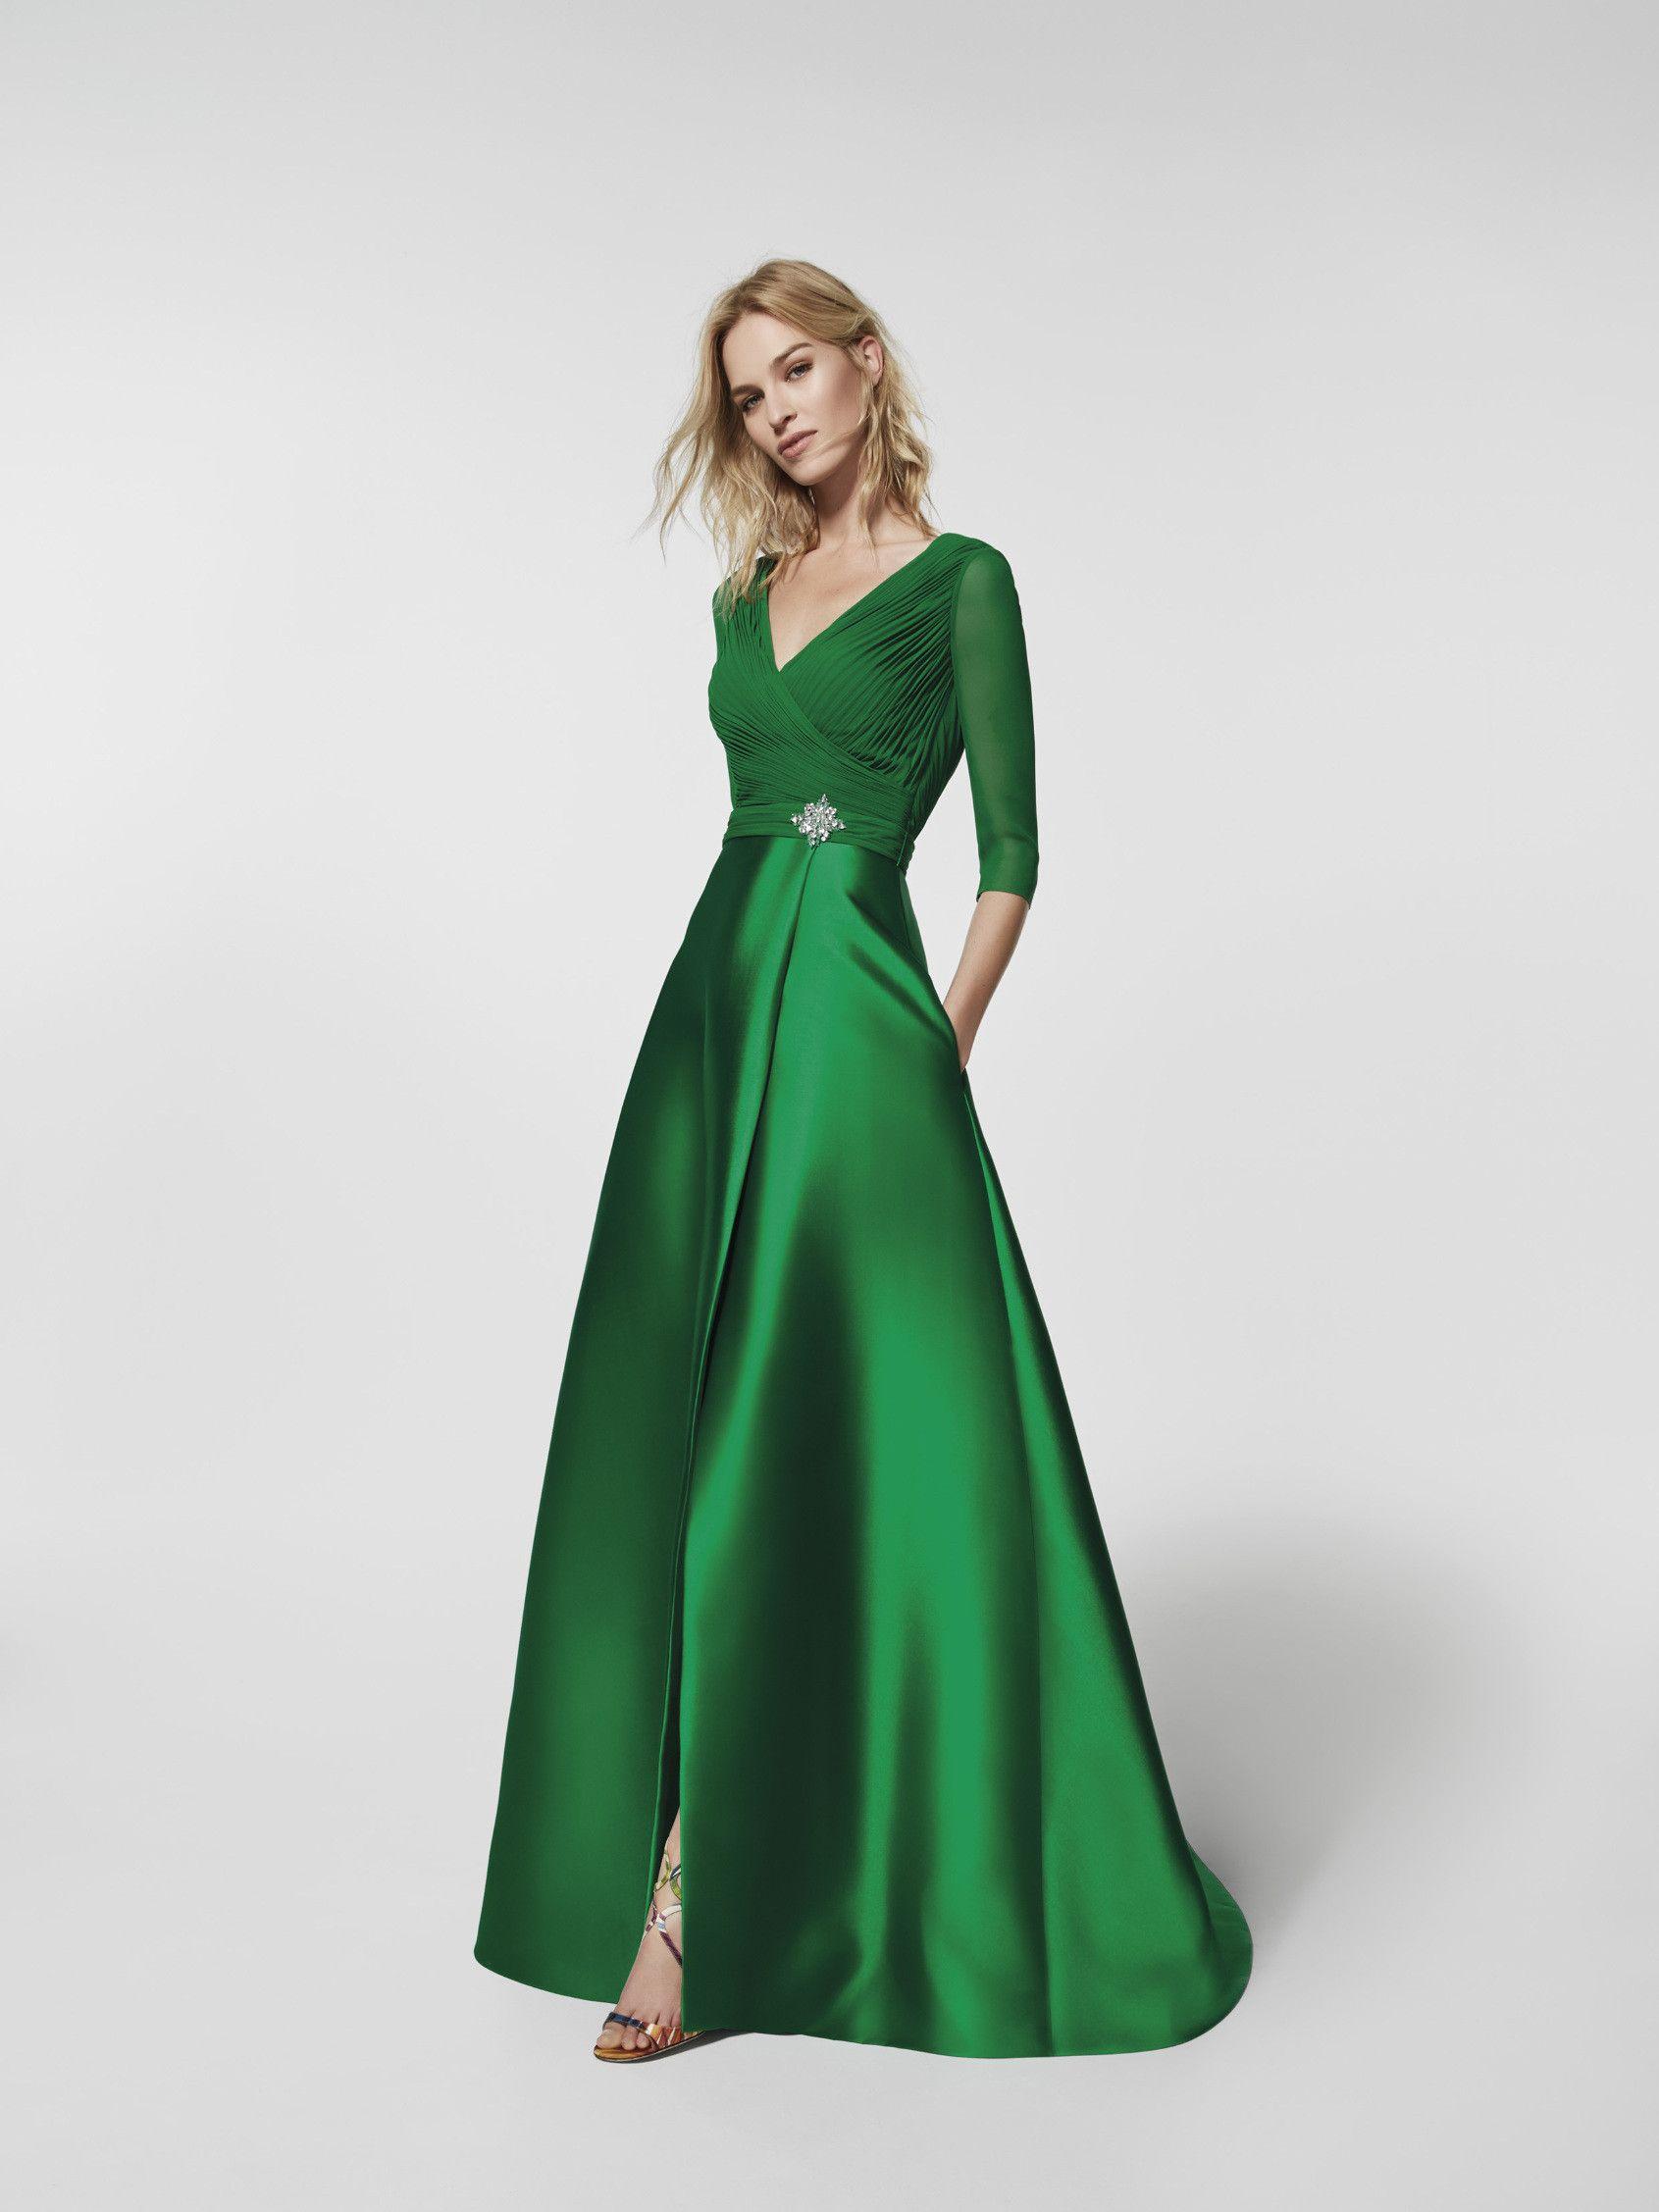 Vert Elegant A-ligne V-cou Robe De Soirée En Mousseline De Soie Top Satin Jupe Large Robes De Fete 3/4 Manches Plis V-back Robe De Bal Fendue Avant